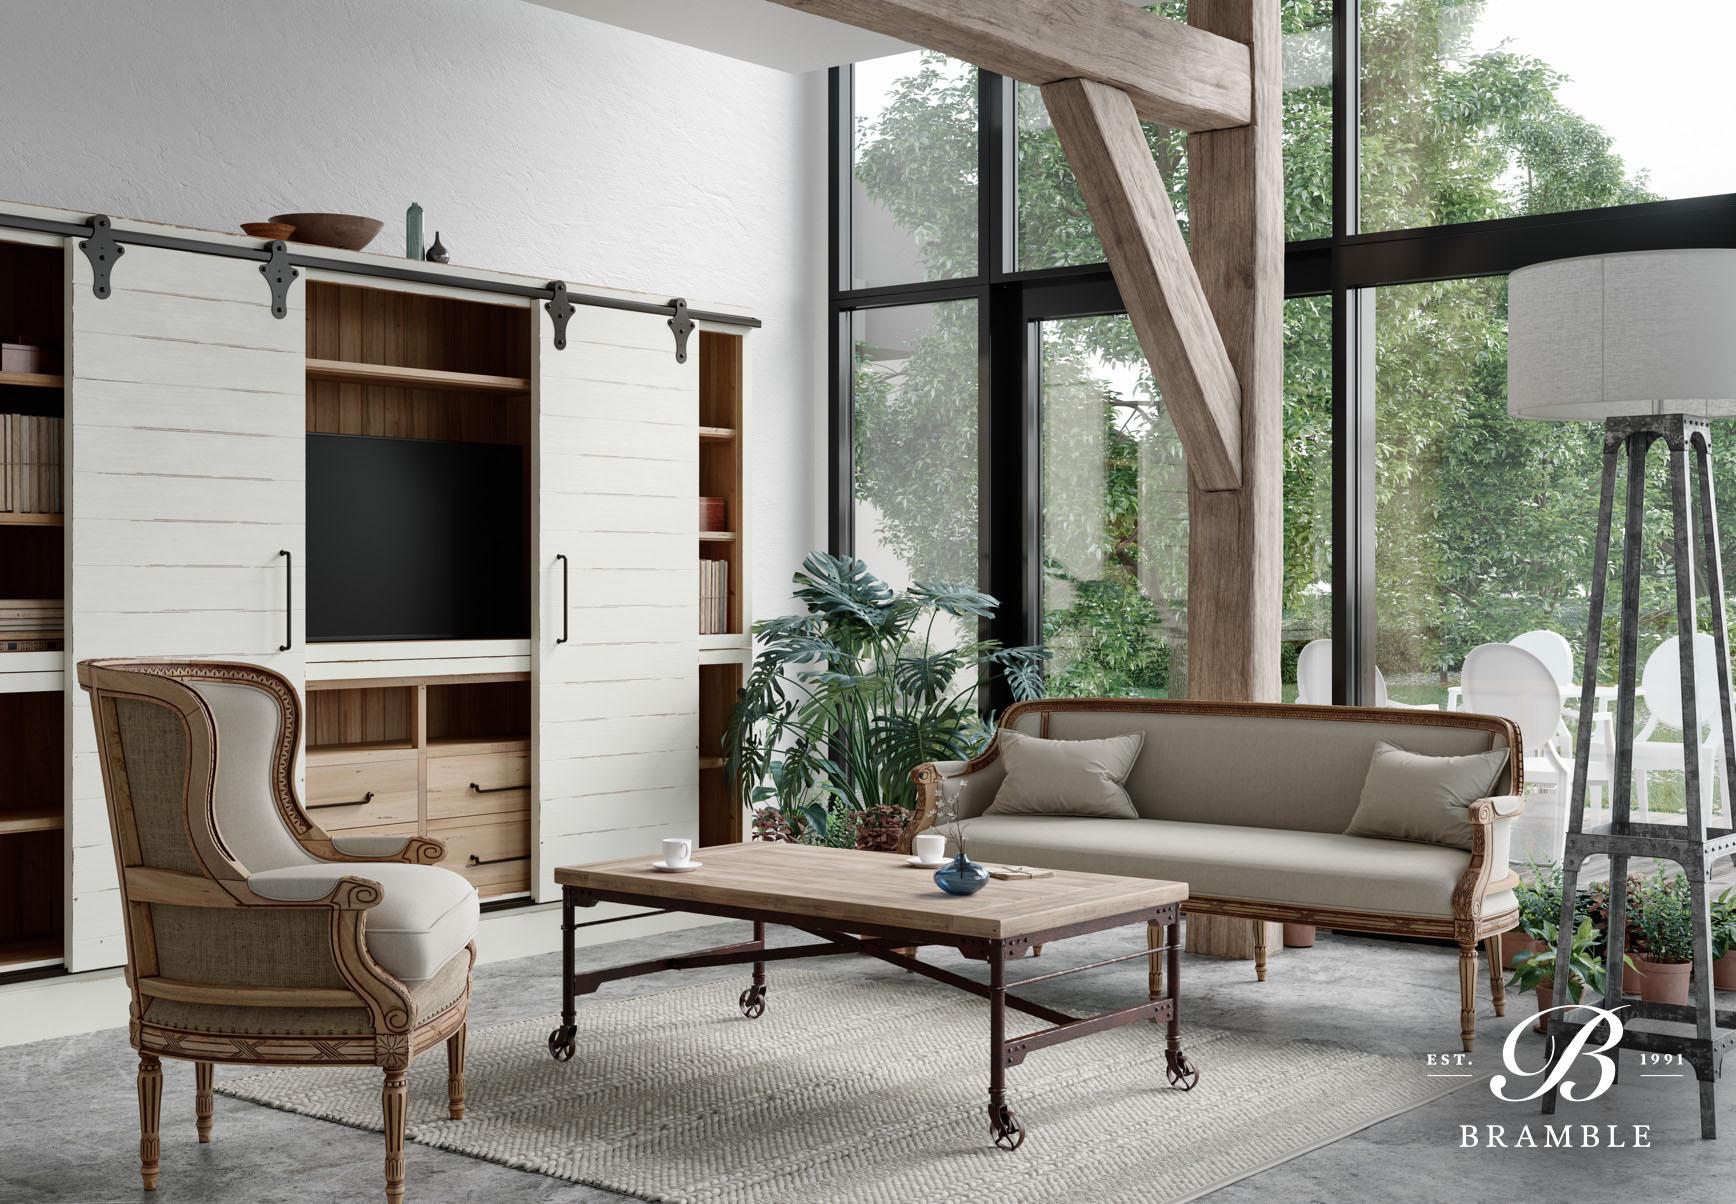 American Style Interior Mewah dengan Detail Sederhana